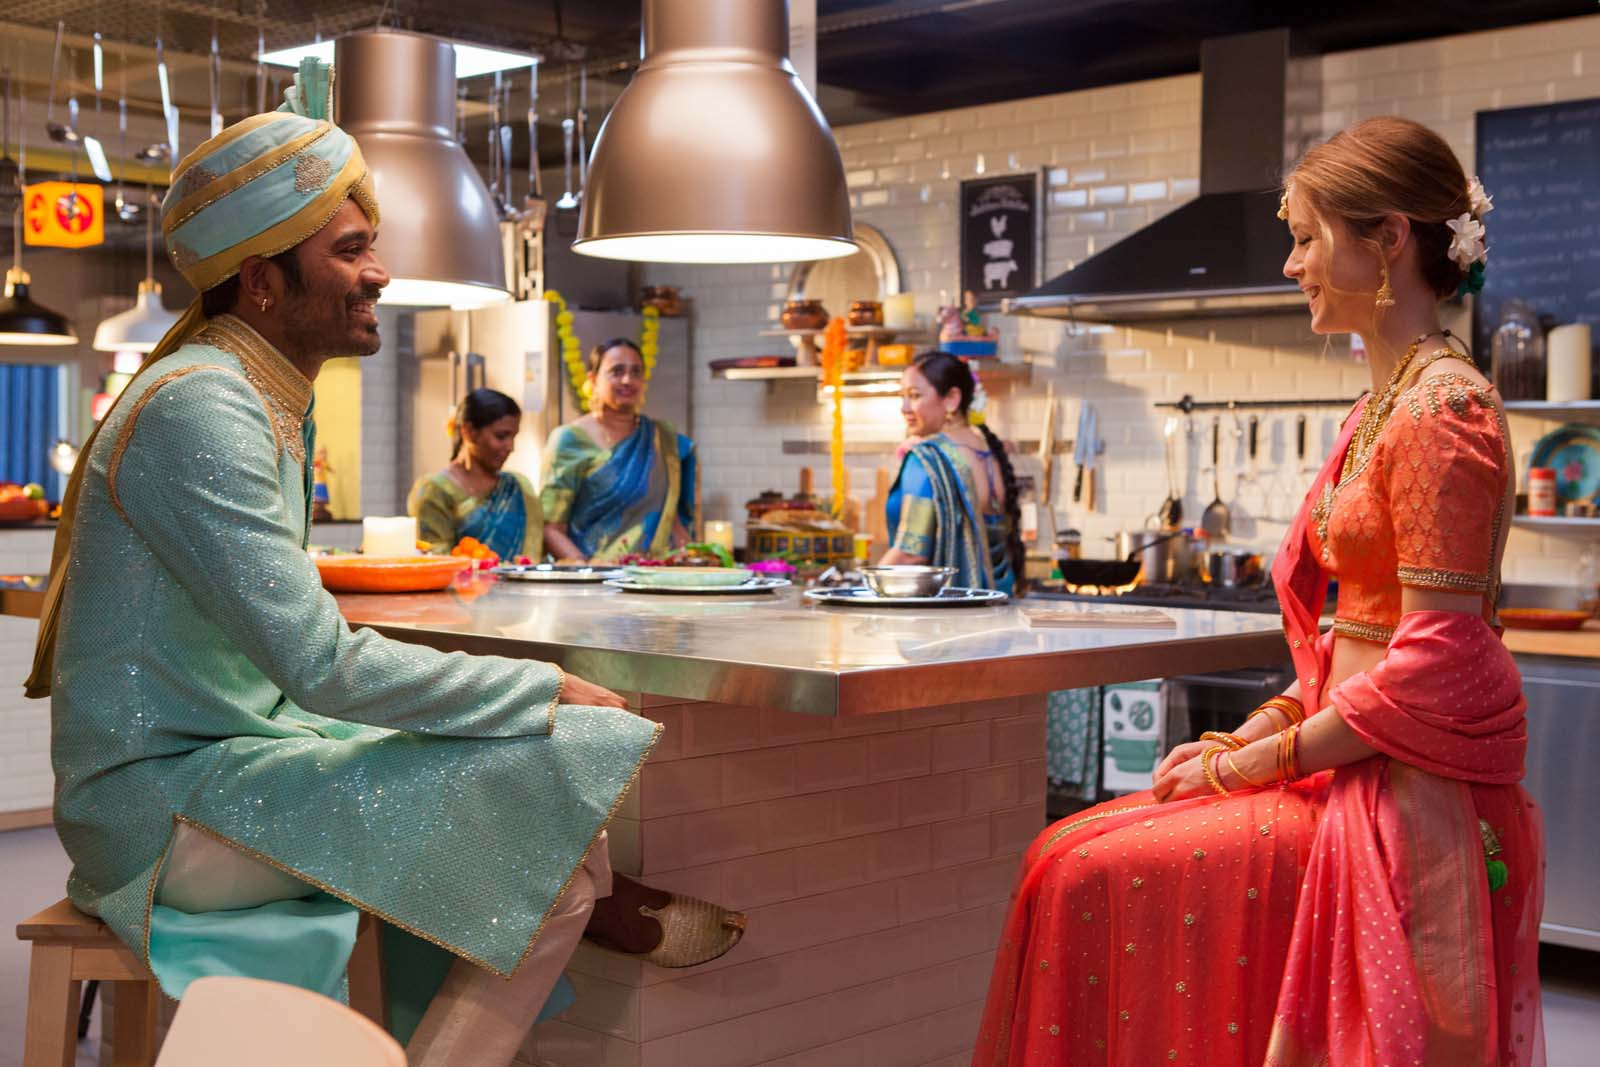 De la India a París en un armario de Ikea_imagen3